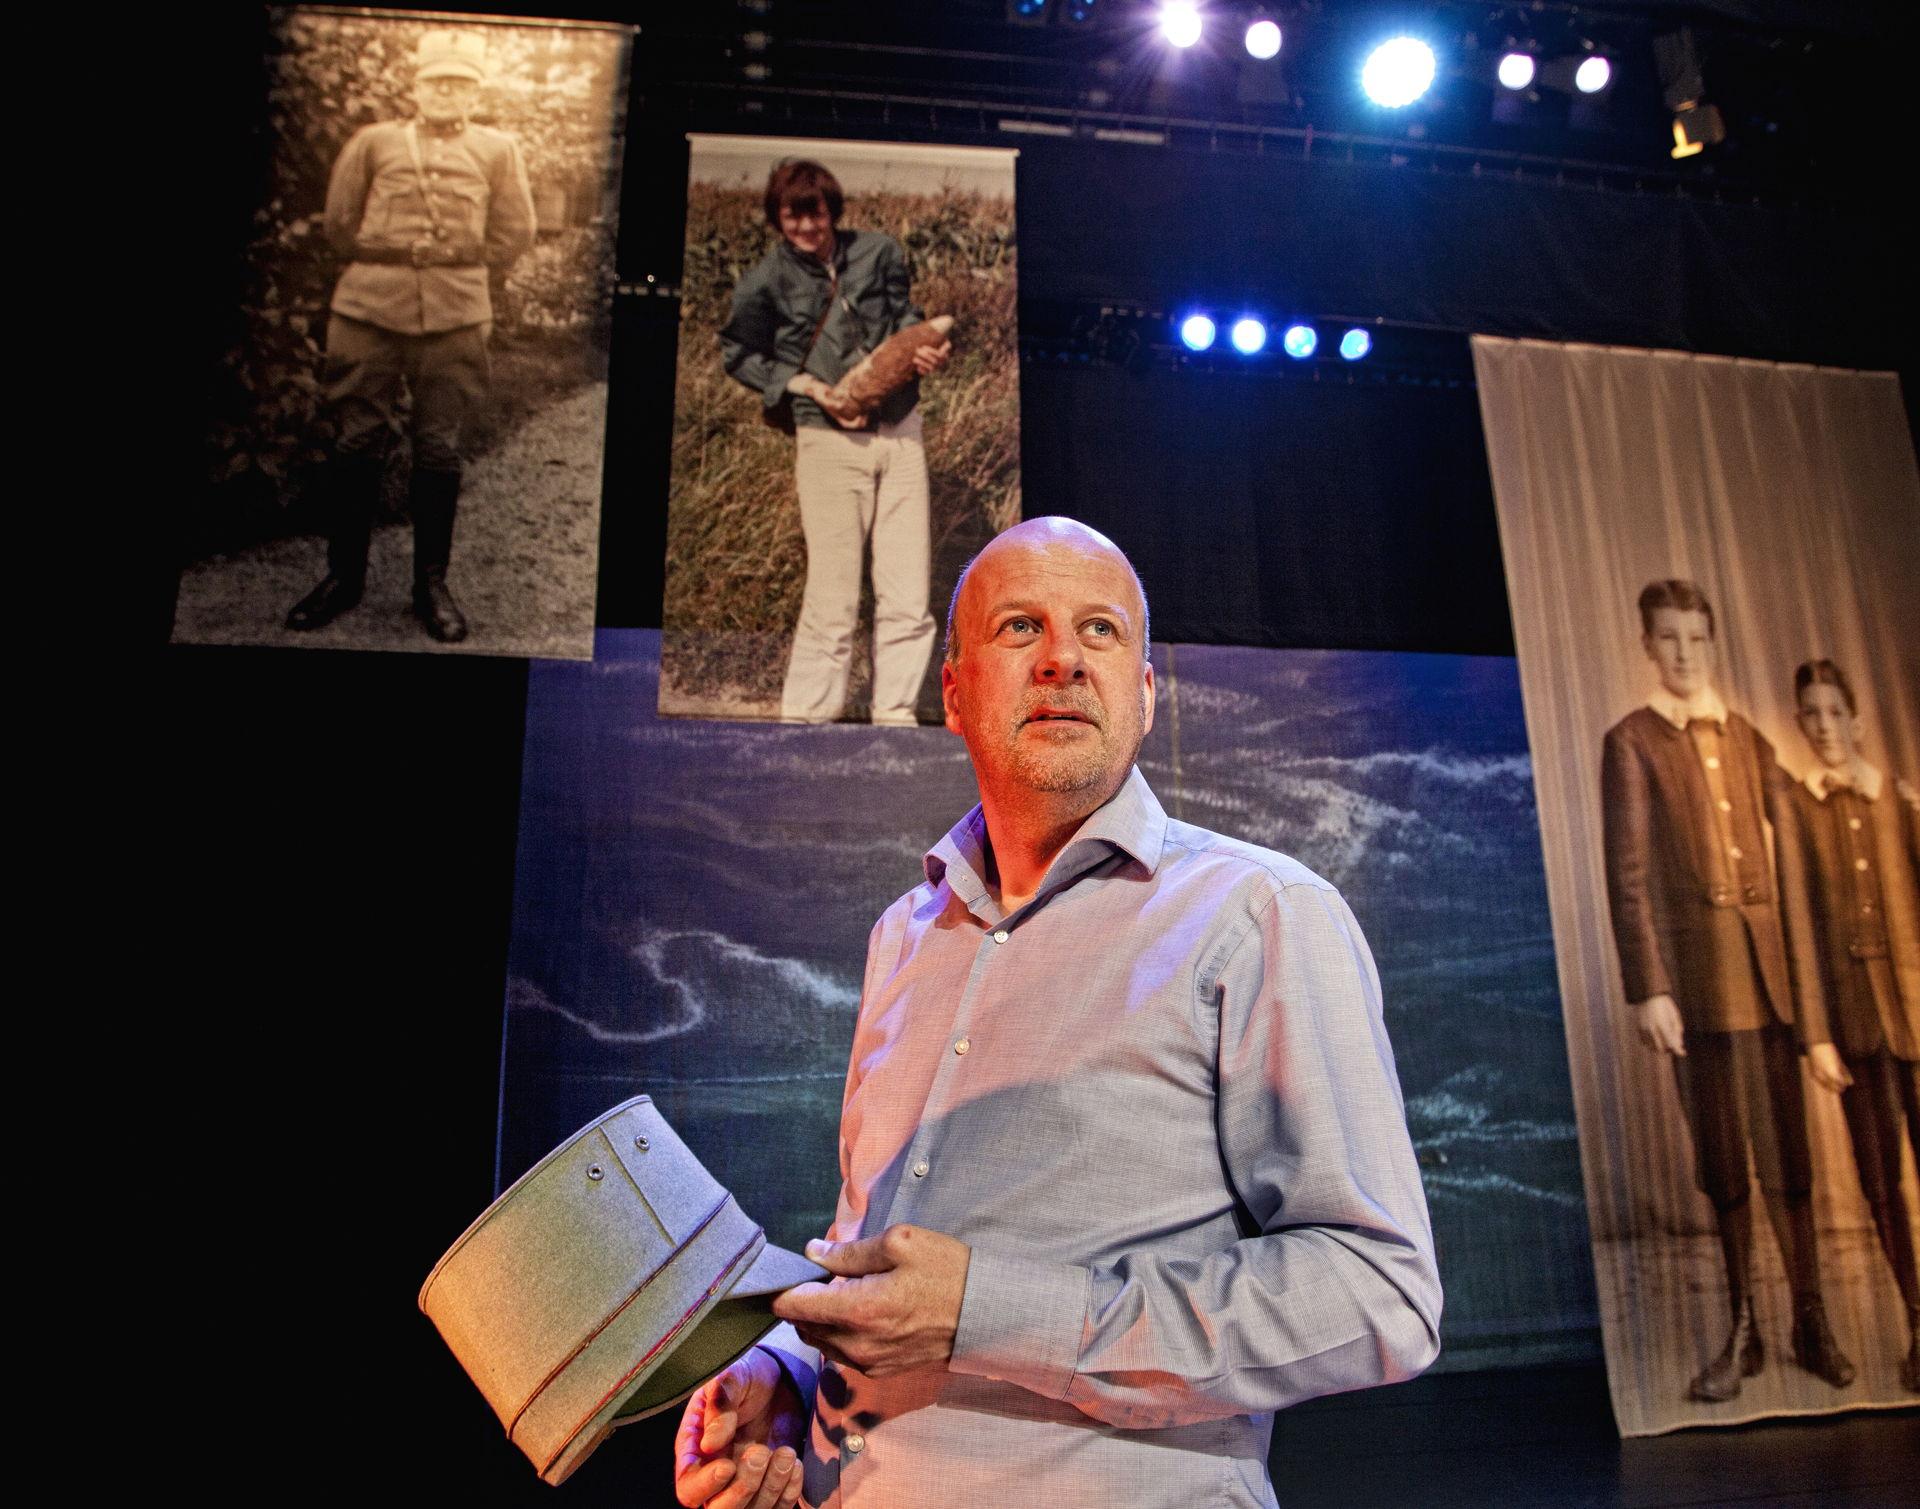 Diederik van Vleuten is musicus en cabaretier, en heeft inmiddels drie soloprogramma's gemaakt voor het theater.